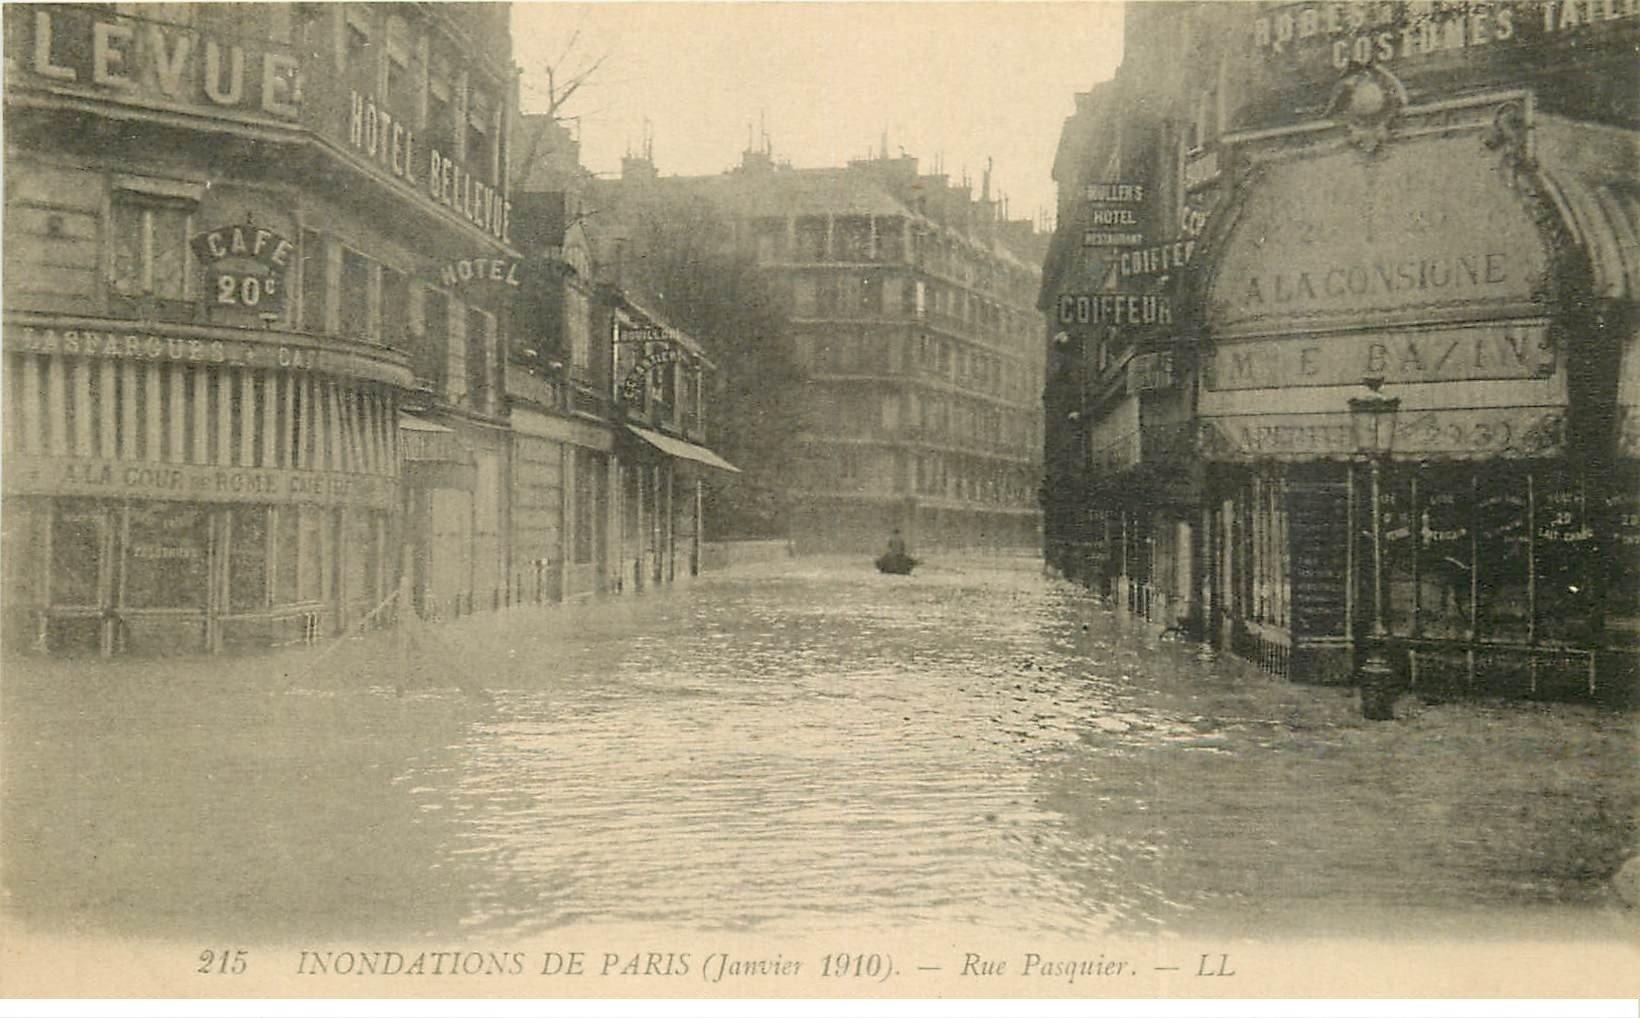 INONDATION ET CRUE DE PARIS 1910. Rue Pasquier Café A la Cour de Rome